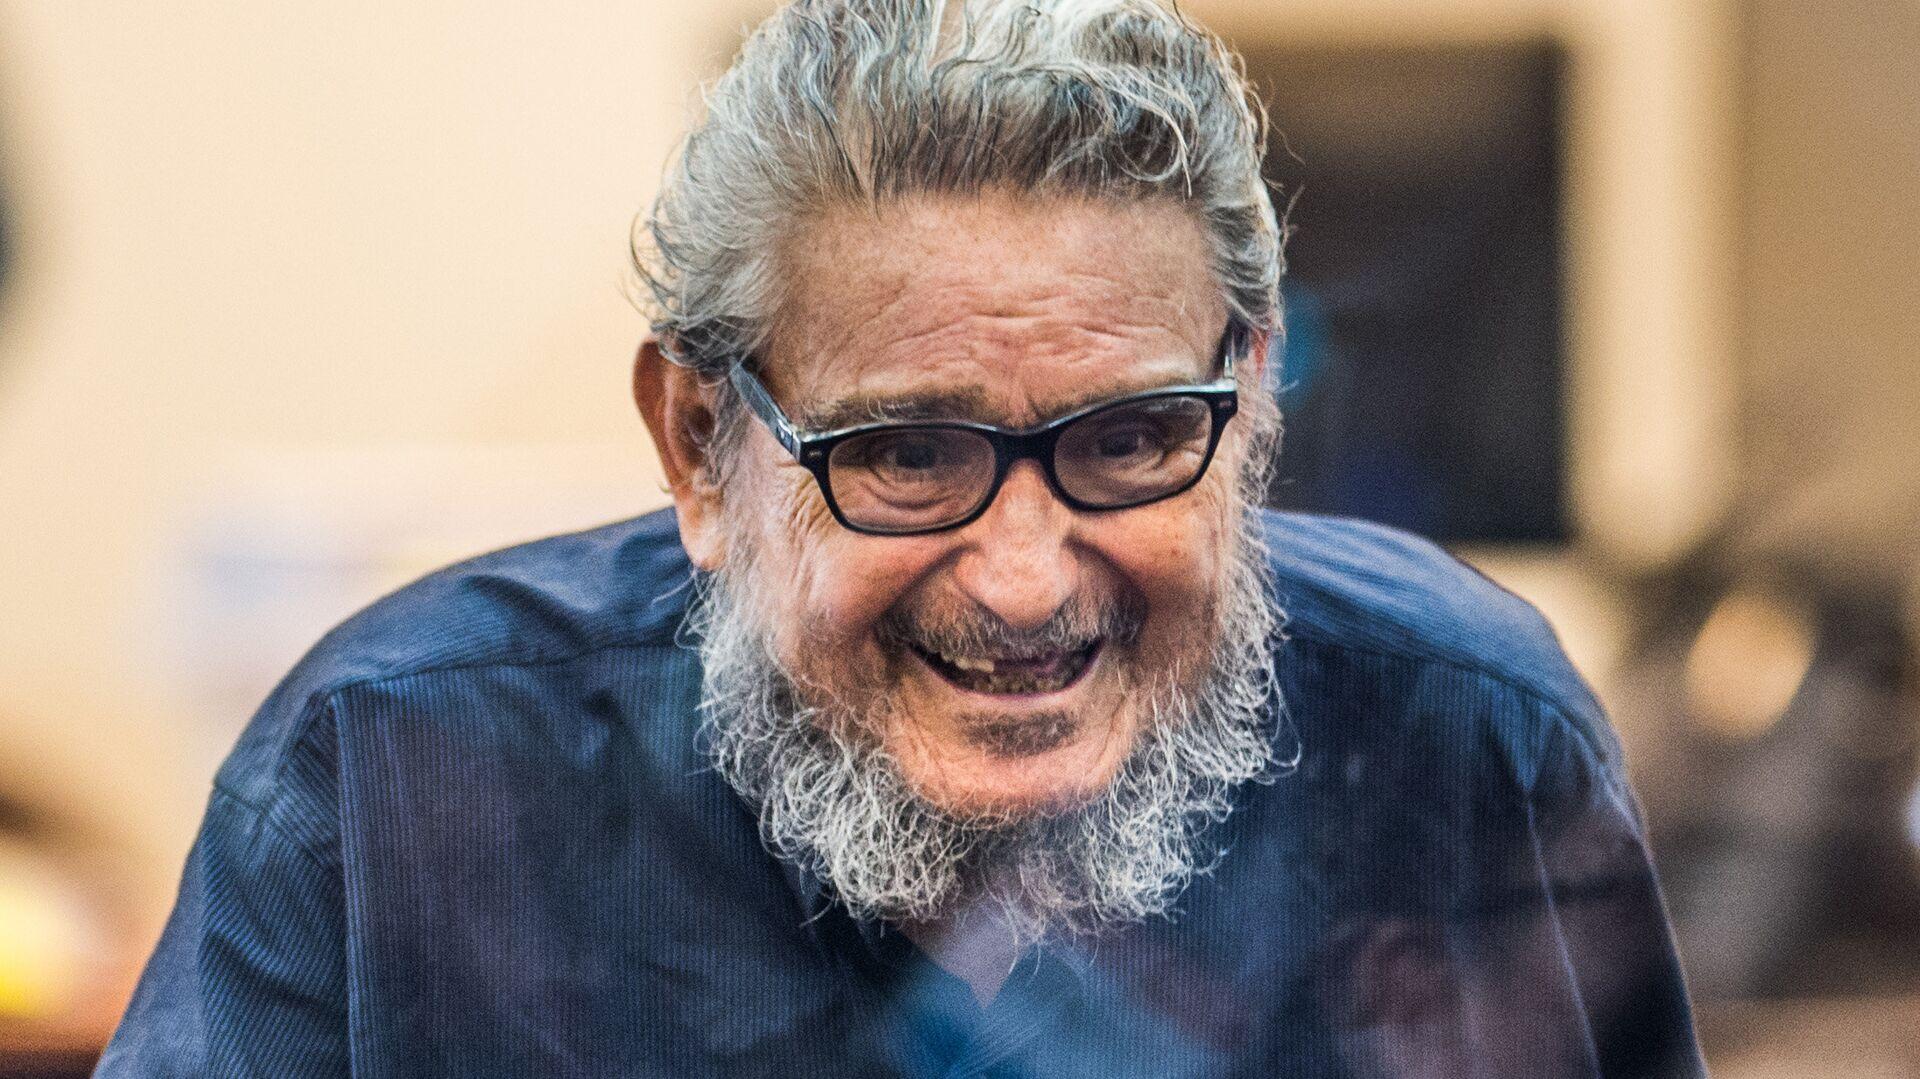 Abimael Guzmán, líder del grupo armado Sendero Luminoso de Perú (archivo) - Sputnik Mundo, 1920, 17.09.2021